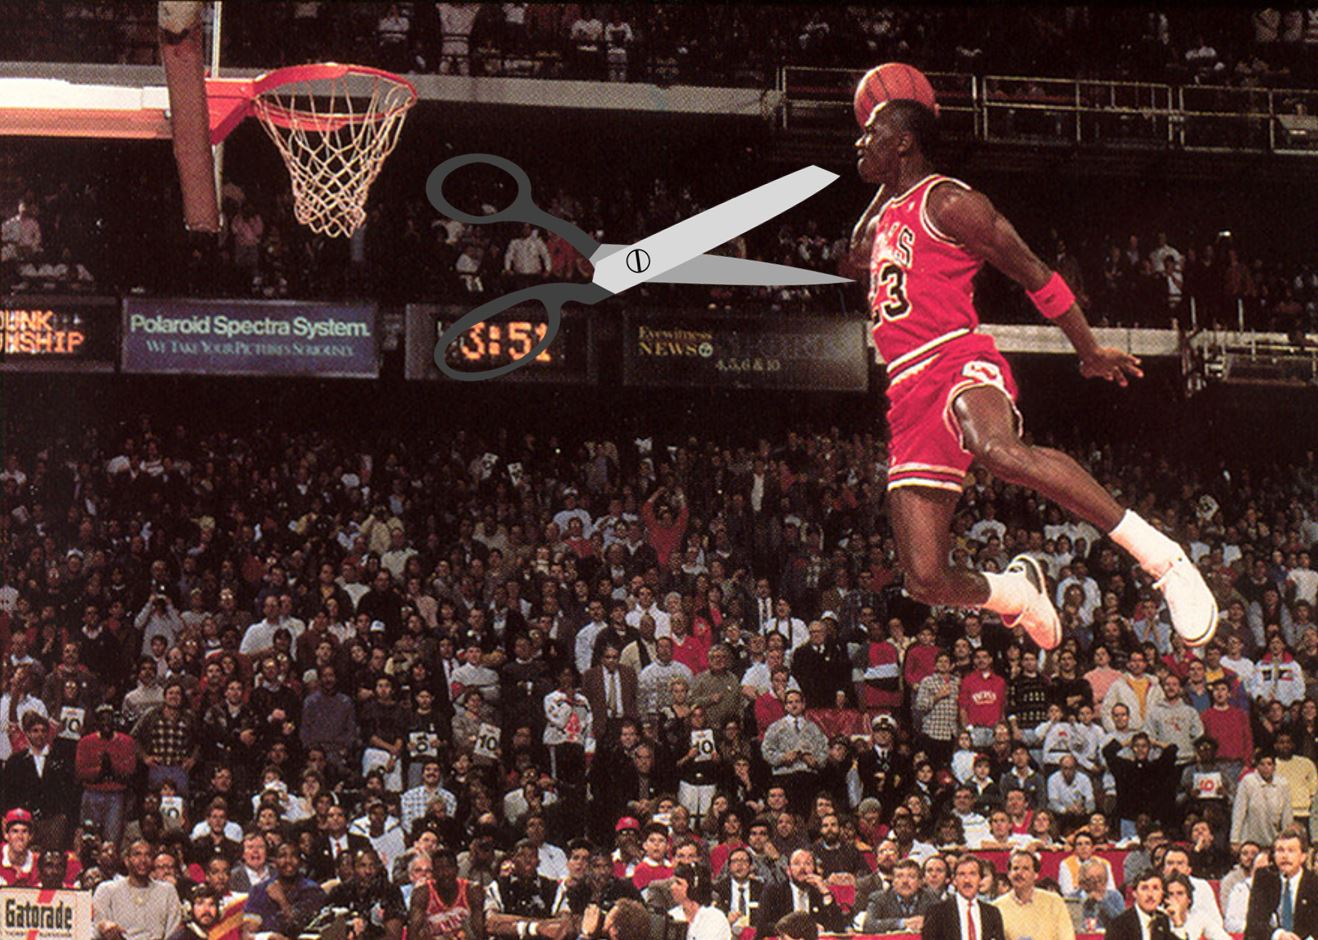 Sorry, Michael. Photo credit: MJ ( www.danasojmb.top ), scissors ( pptcrafter.wordpress.com )